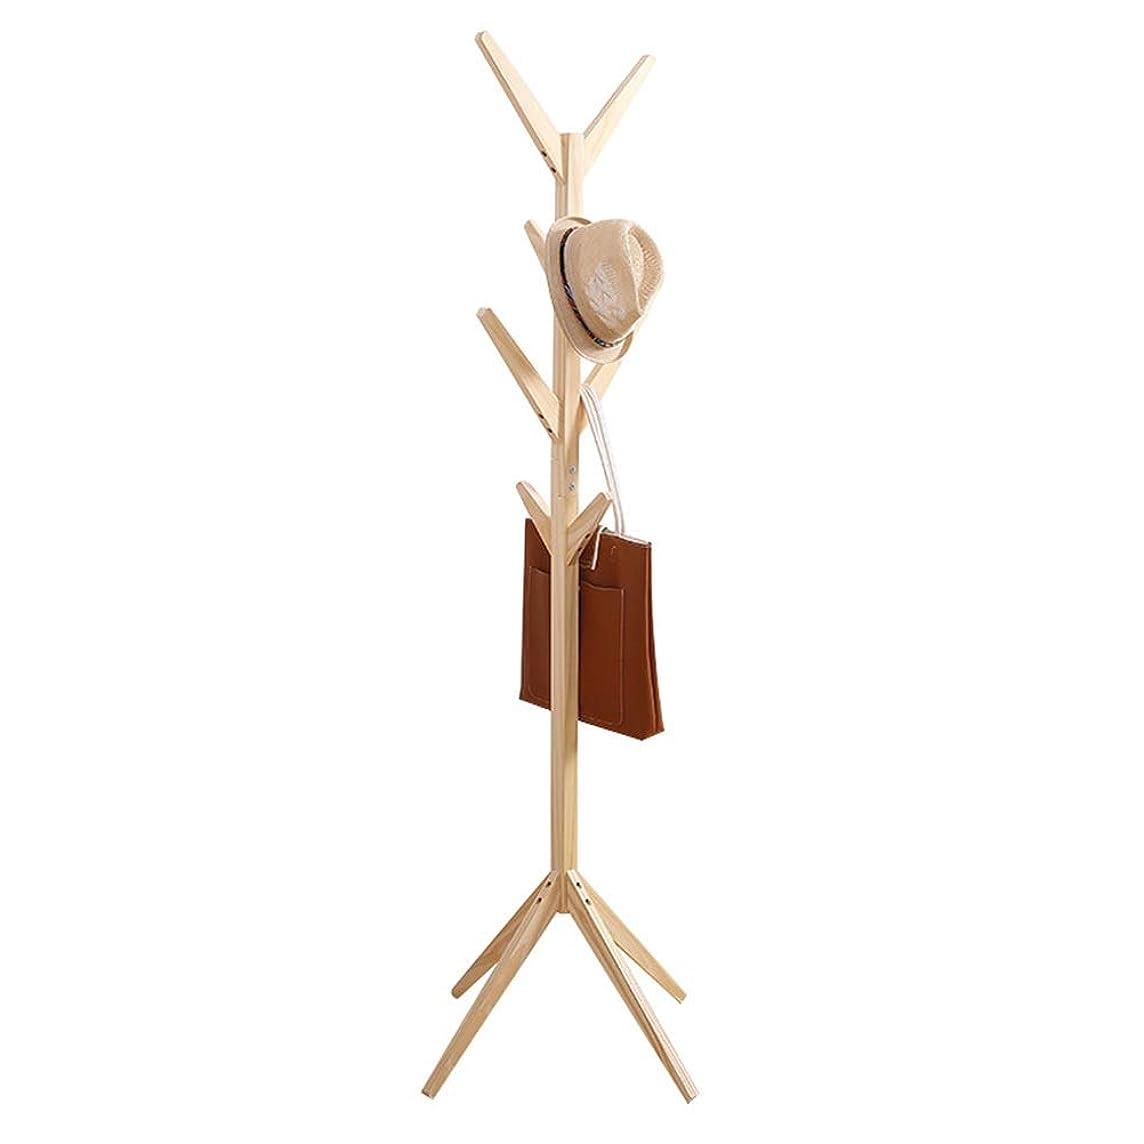 気づく銅微生物ハンガーラック シンプルなクリエイティブコートラックツリー形状無垢材ハンガーフロアファッション服ラックリビングルームの寝室の床ハンガー 家具/収納家具